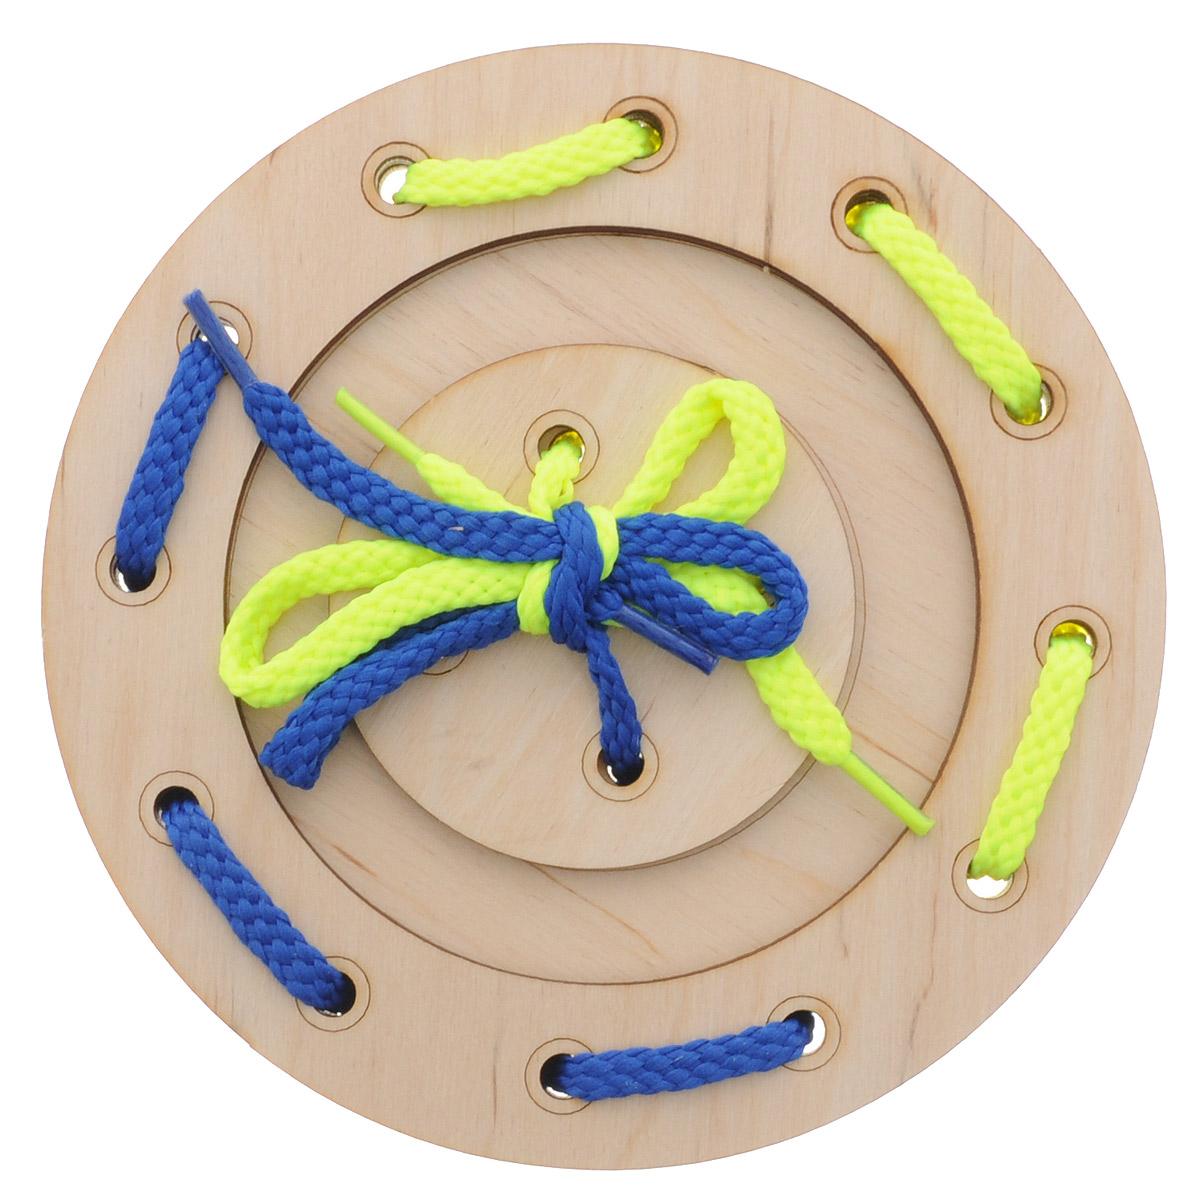 Мастер Вуд Игра-шнуровка Пуговичка цвет синий желтыйДШ-1_синий,желтыйИгра-шнуровка Мастер Вуд Пуговичка - яркая и несложная игрушка, которая очень понравится вашему малышу. Она выполнена из дерева лиственных пород в виде пуговки, состоящей из трех элементов. Задача малыша - продеть два шнурка разных цветов в отверстия основы, собрав пуговку. Игрушка-шнуровка развивает воображение, пространственное мышление, координацию движений, ловкость, положительно влияет на эмоциональное состояние ребенка и его настроение.